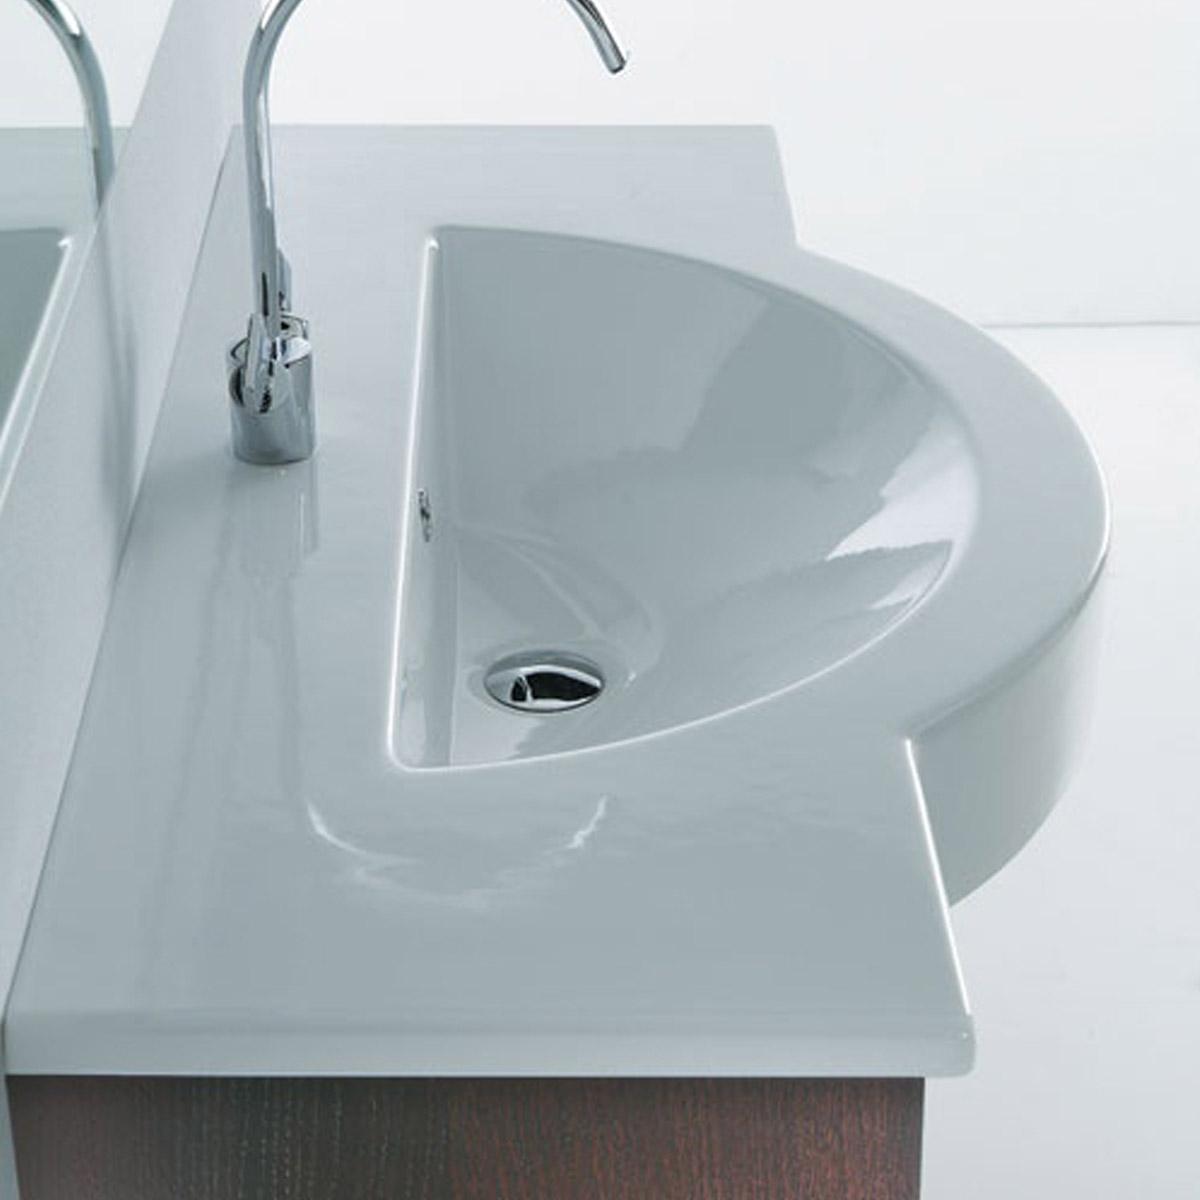 Lavabo A Consolle In Ceramica.Consolle In Ceramica 120 Cm Semincasso Fonte